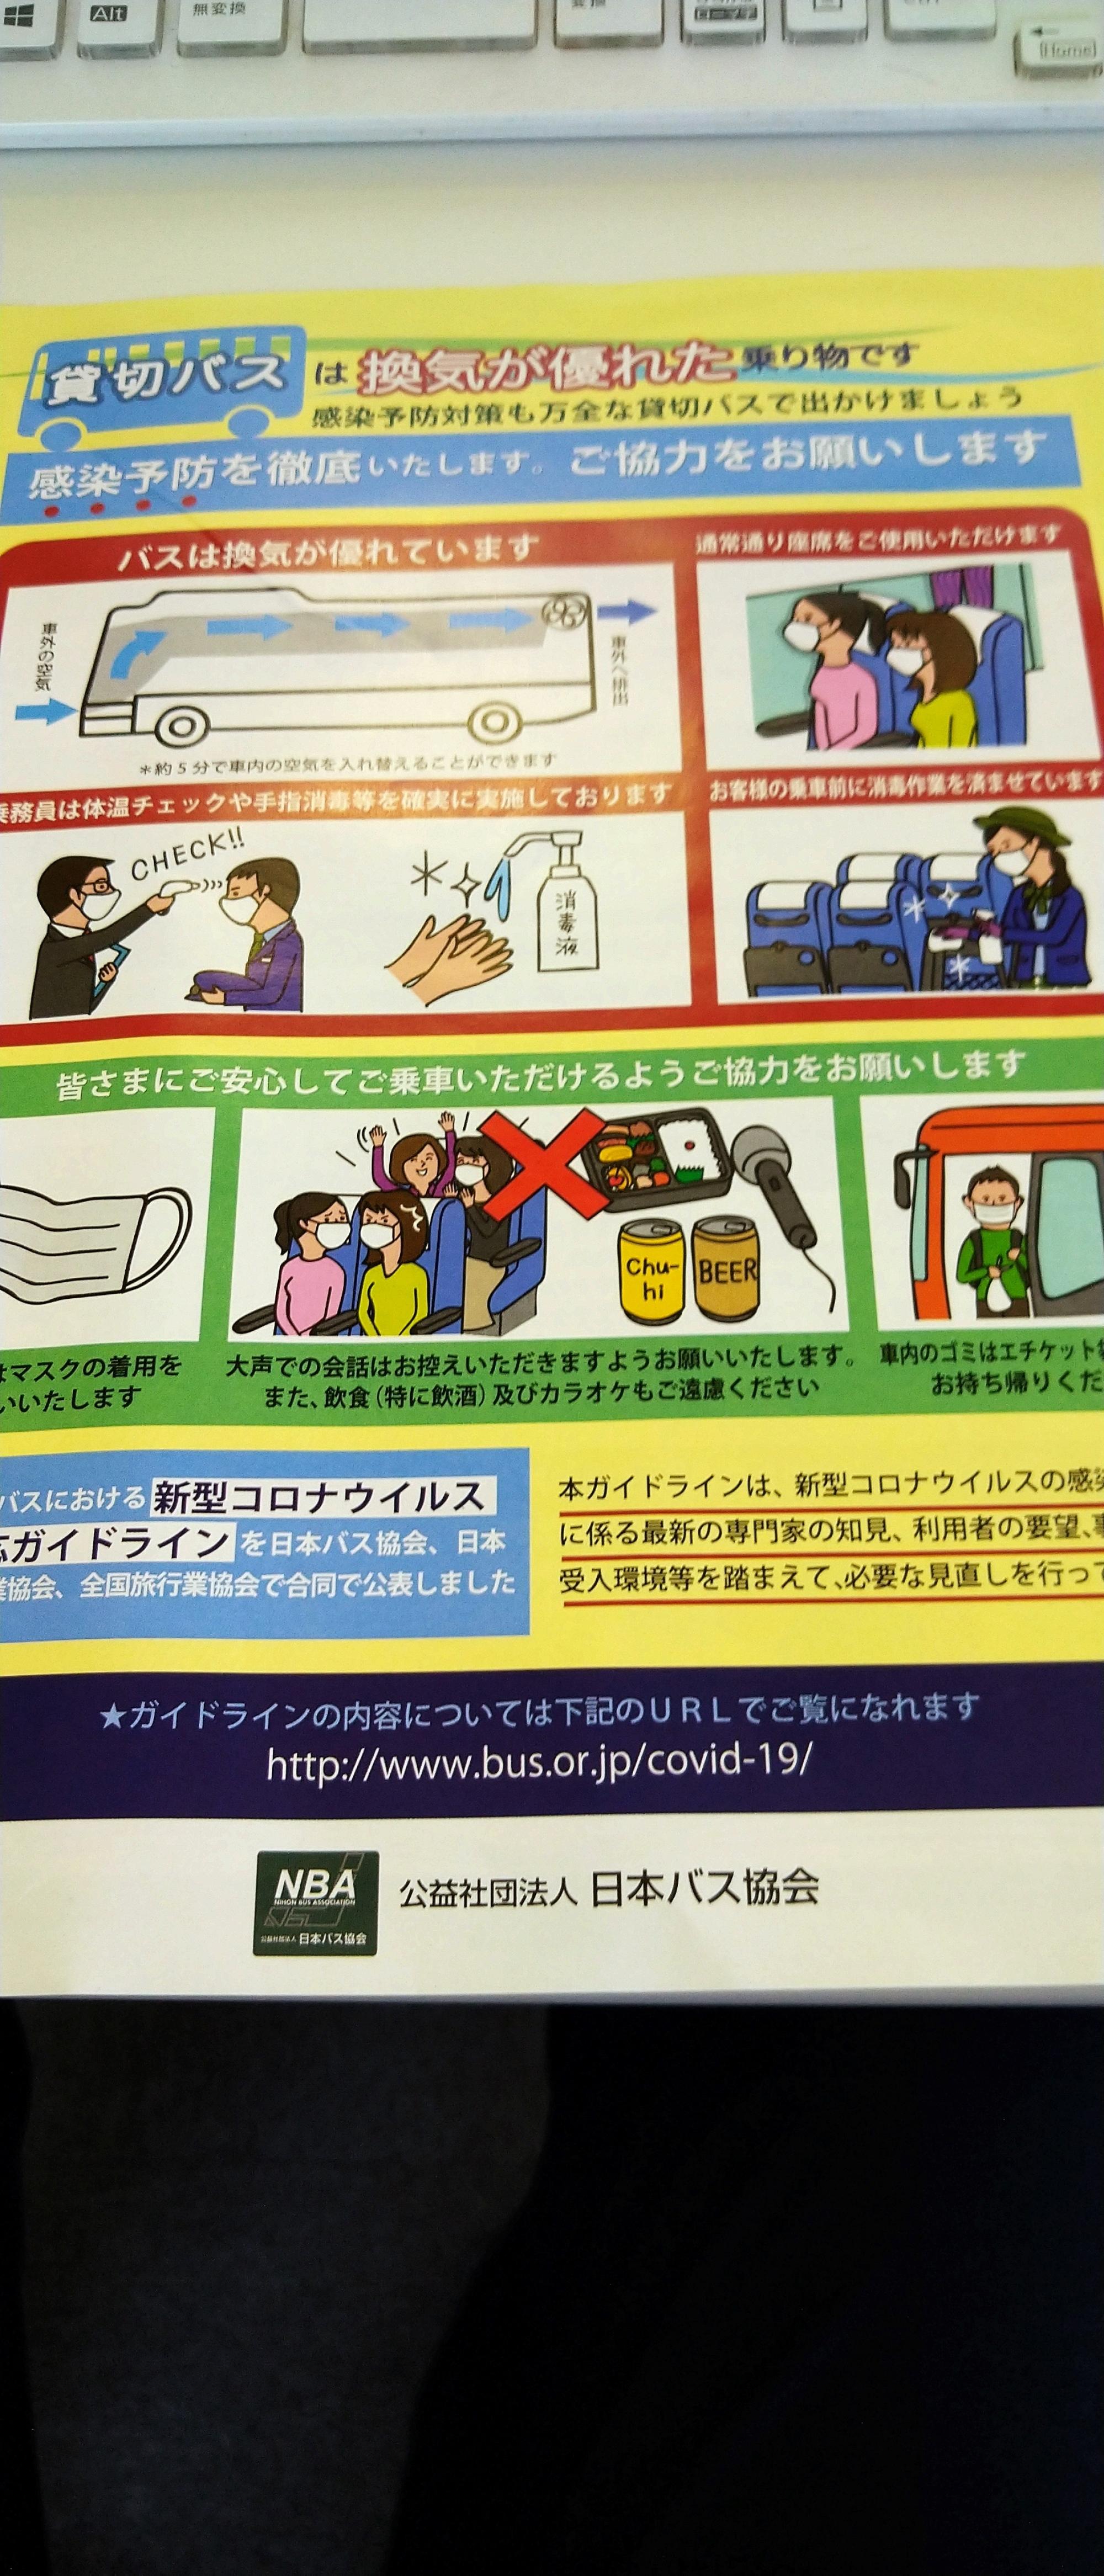 バス協会作成のパンフレット